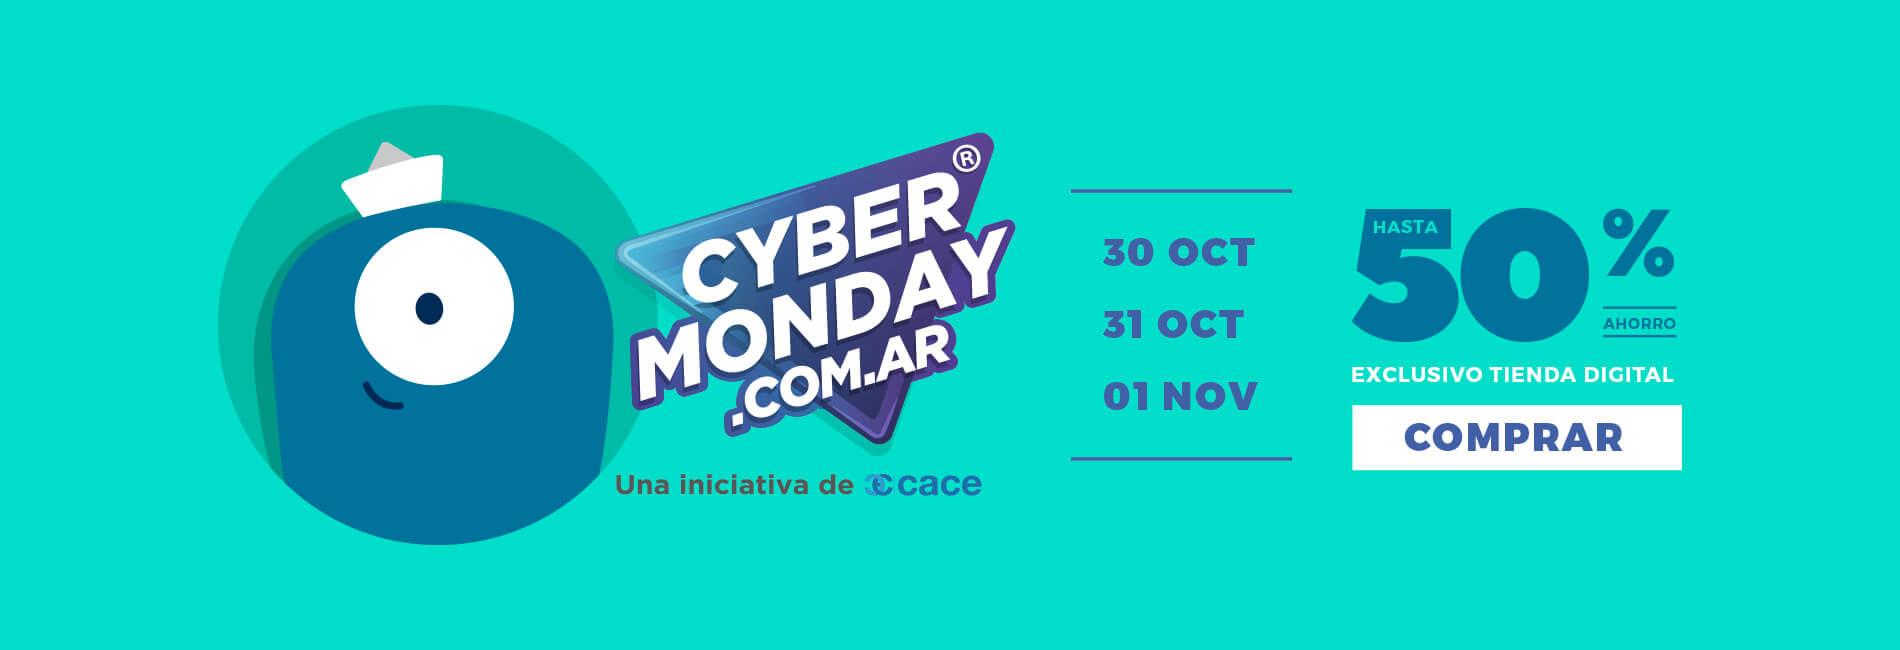 868ecf5eec2d CyberMonday Argentina 2018 | Promociones y Descuentos en ropa para ...